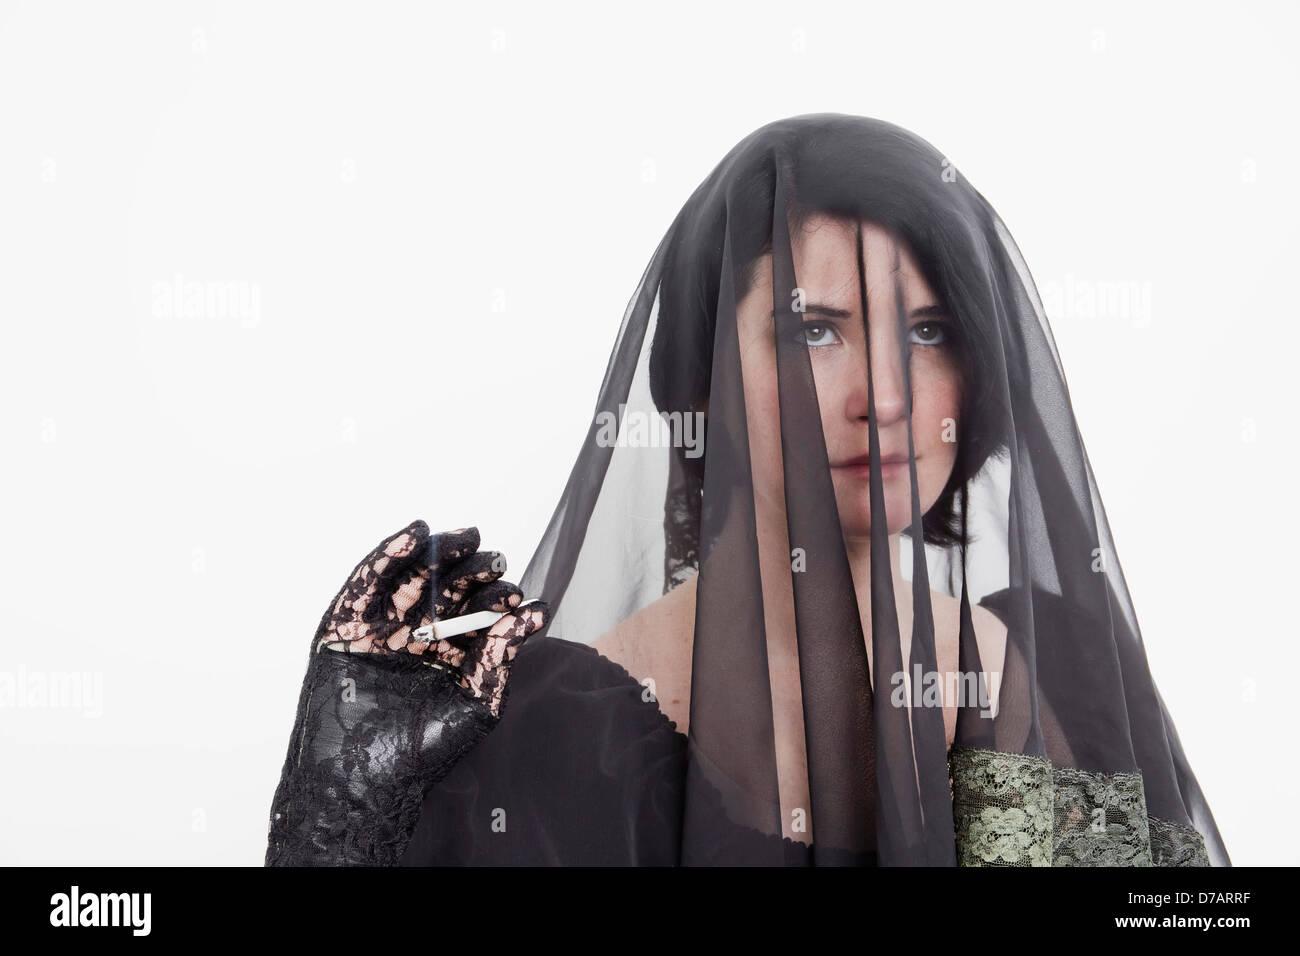 Junge verschleierte Frau mit einer Zigarette. Stockbild